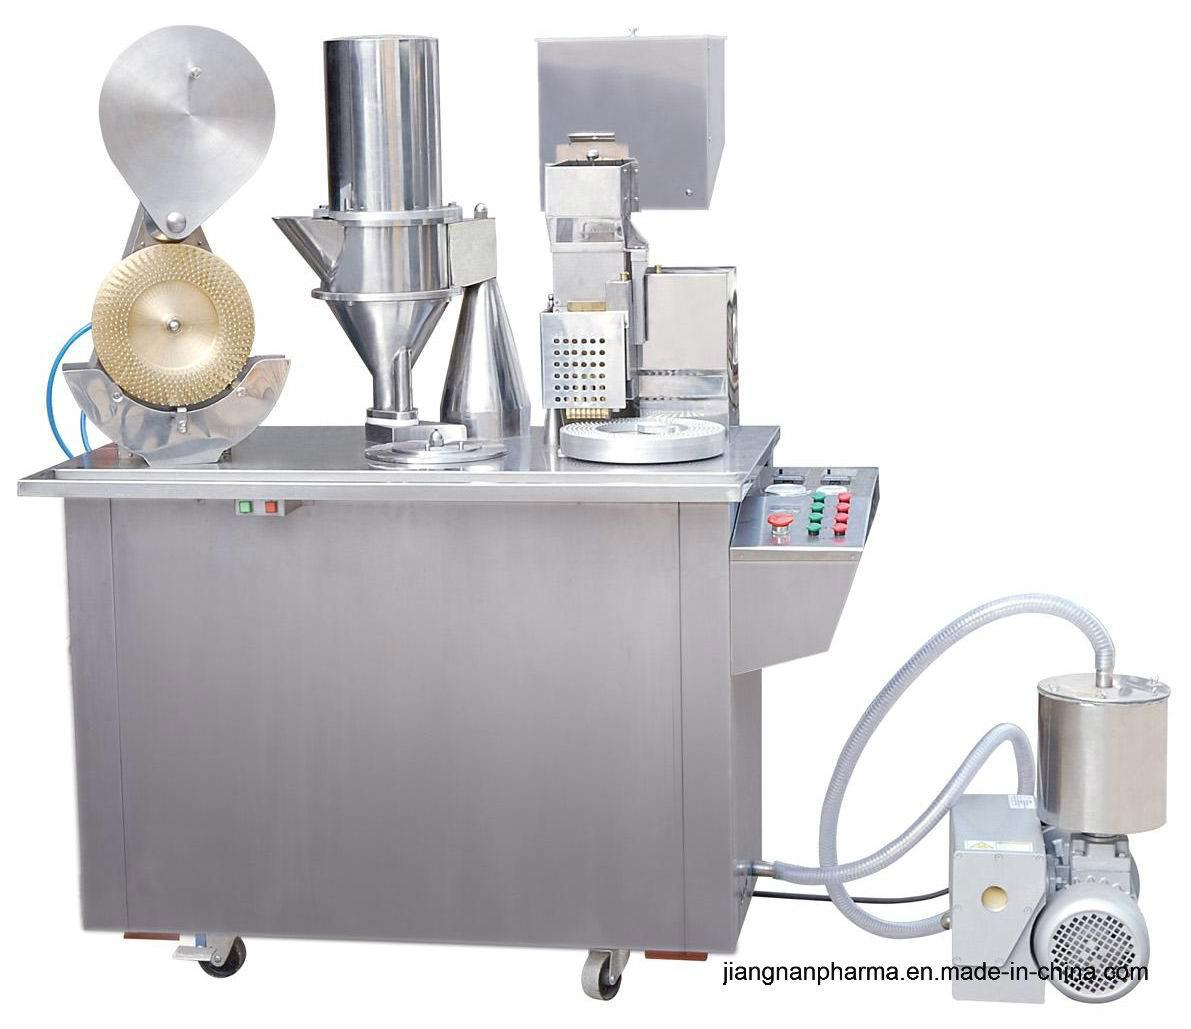 Semi-Automatic Capsule Filling Machine (CGN-208D)